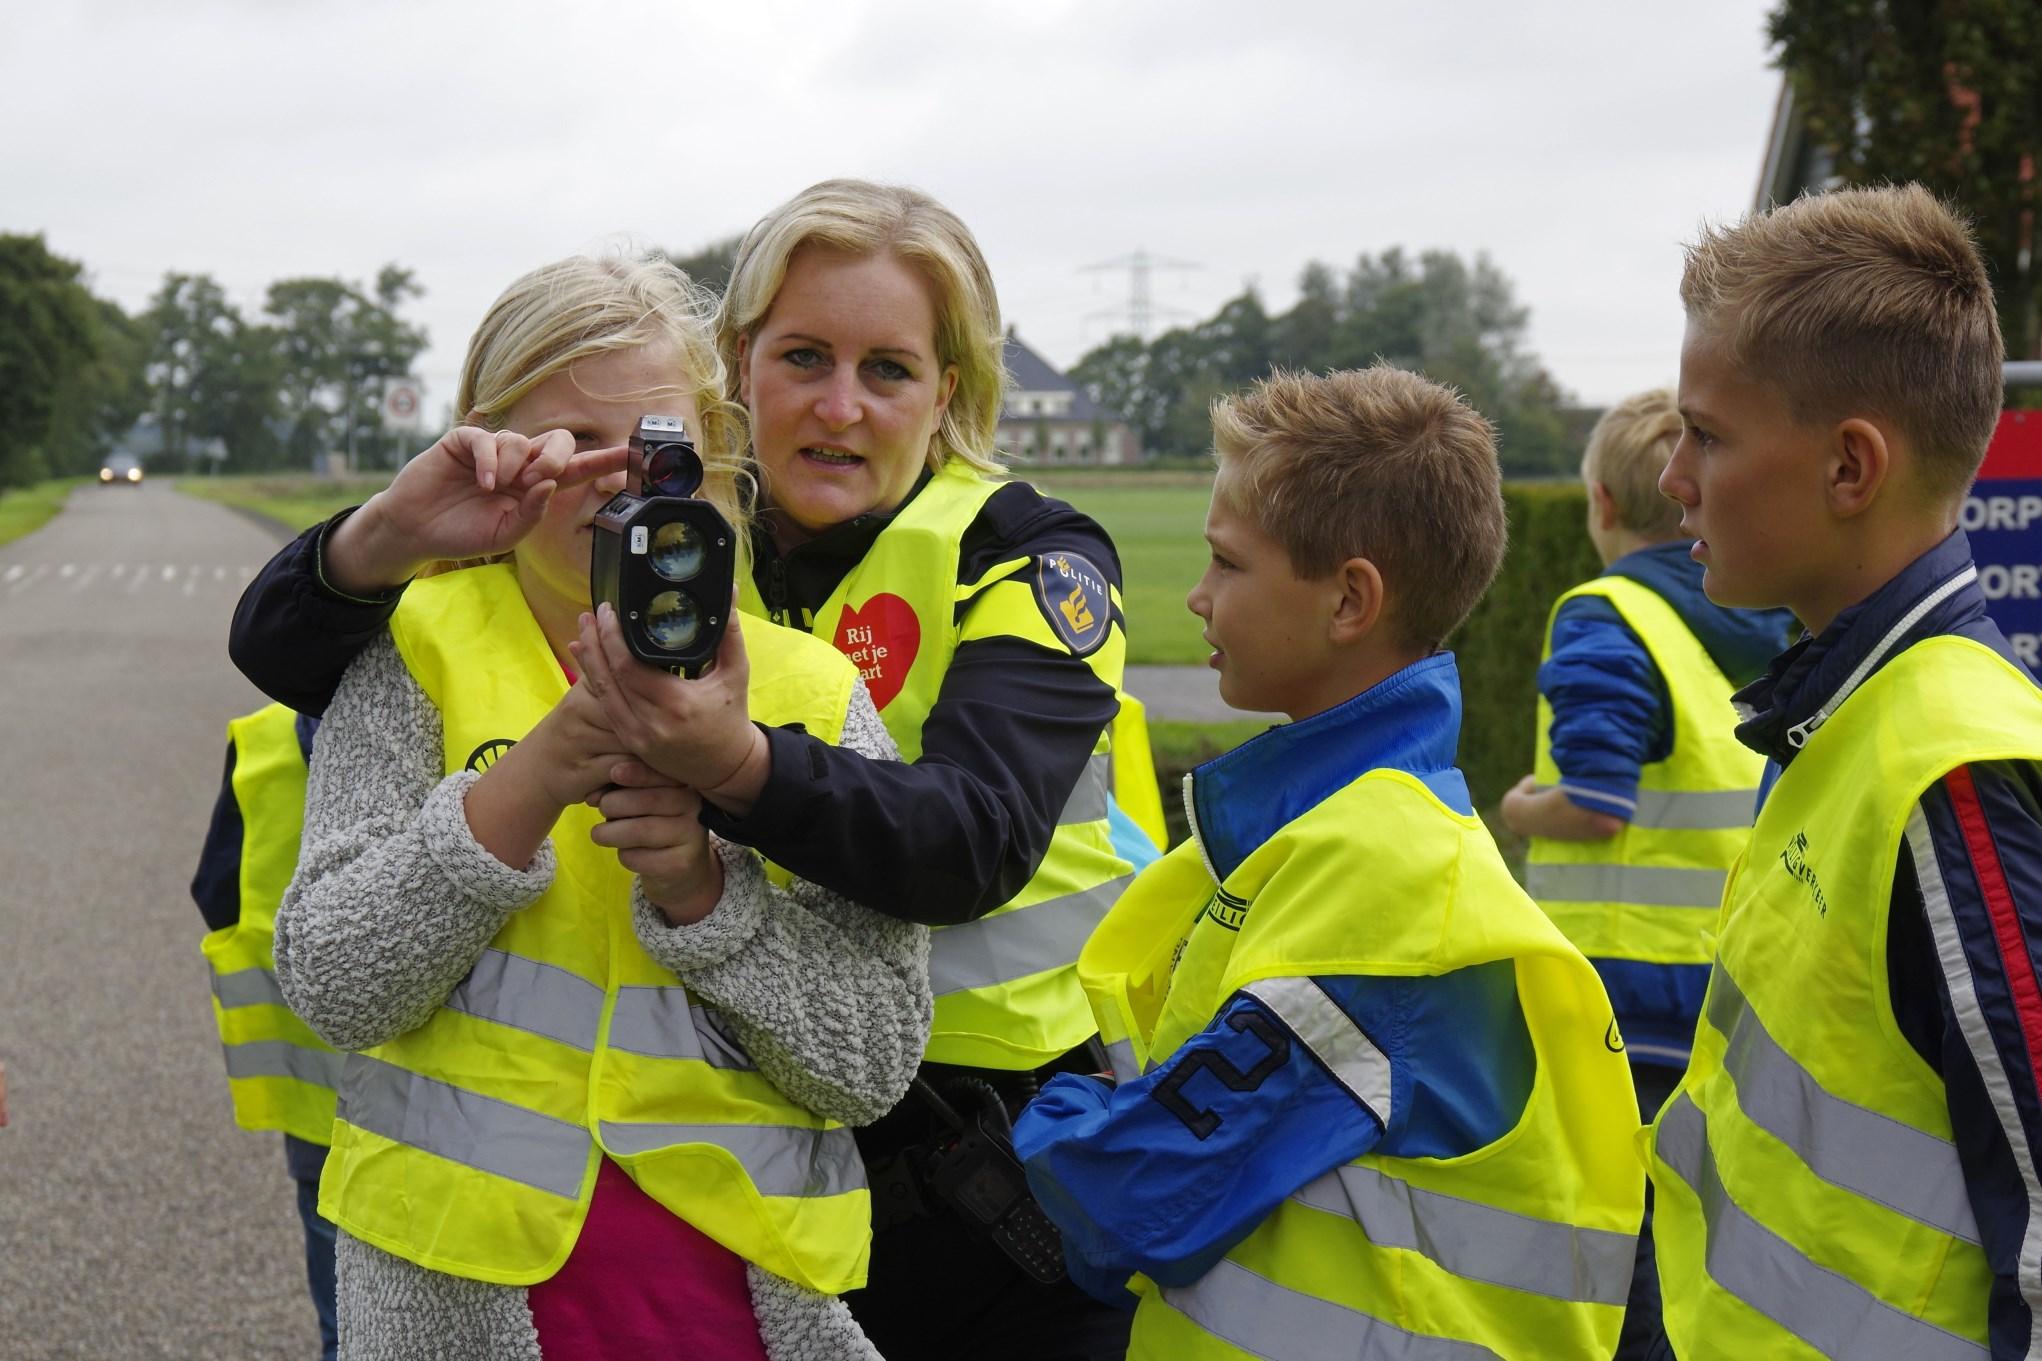 Kinderen Aventurijn snelheidscontrole